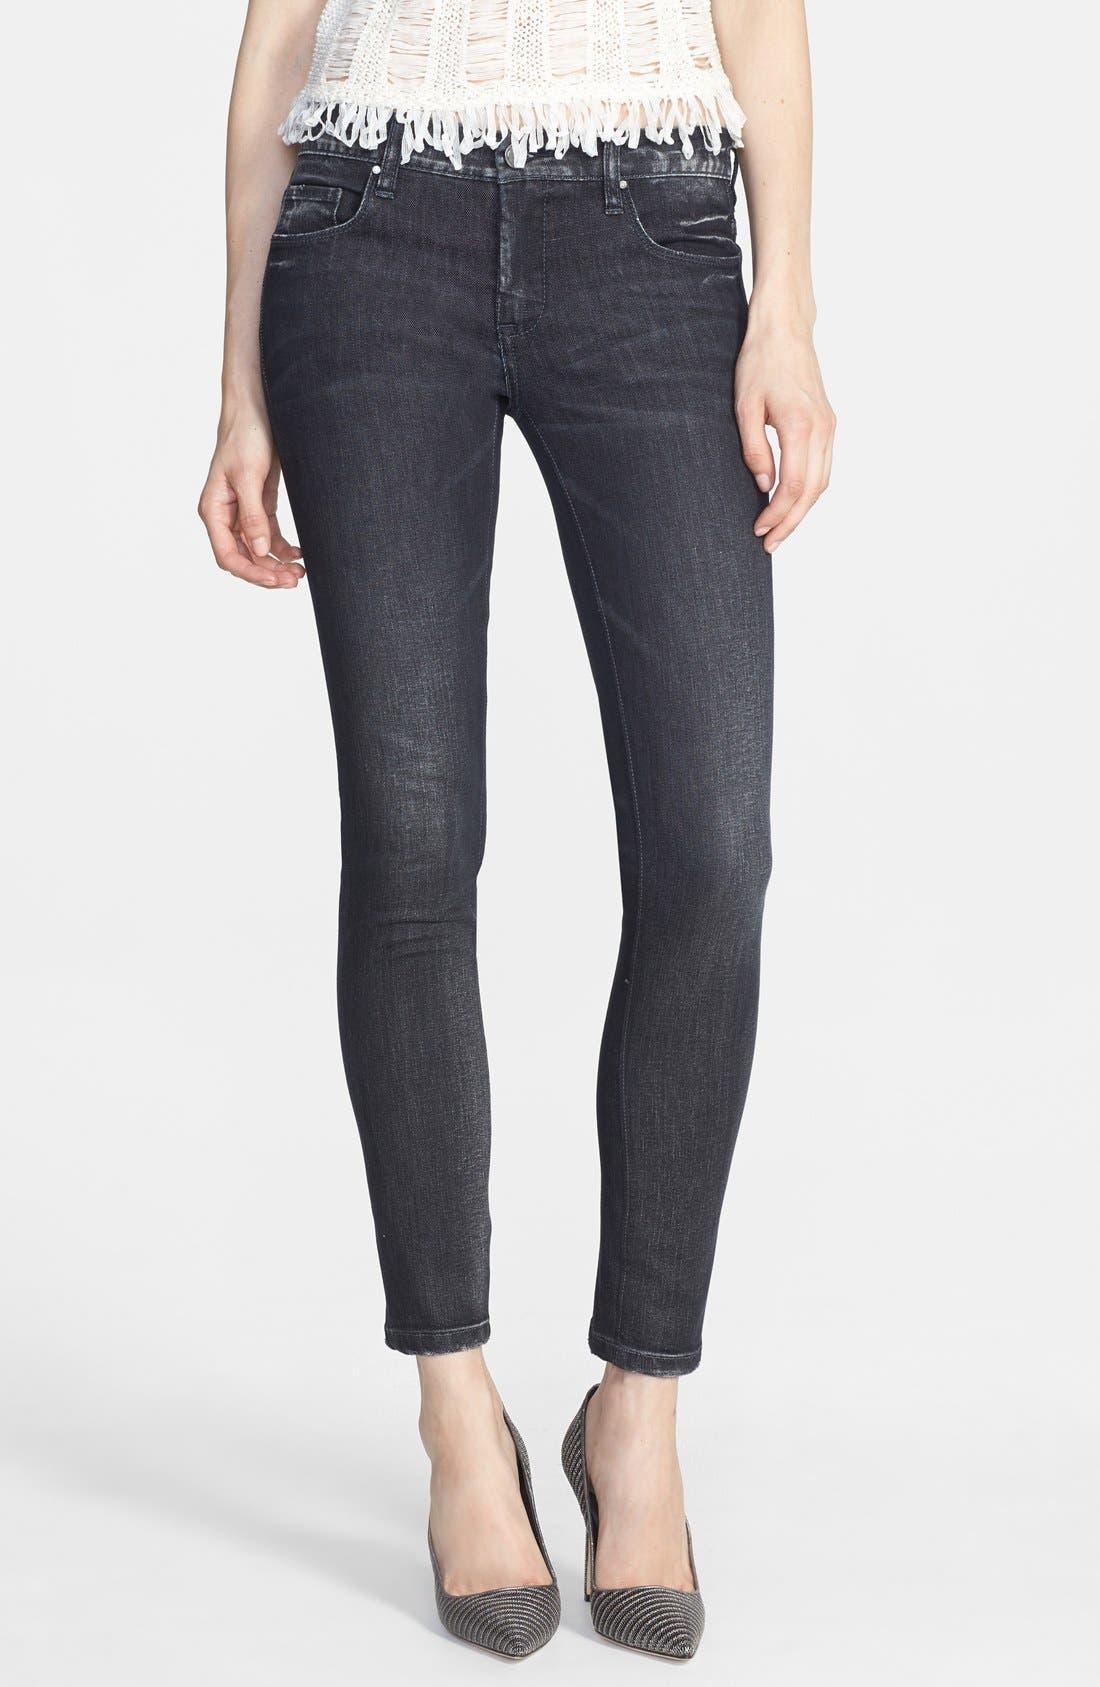 Main Image - BLANKNYC Skinny Jeans (Grey Area Anatomy)